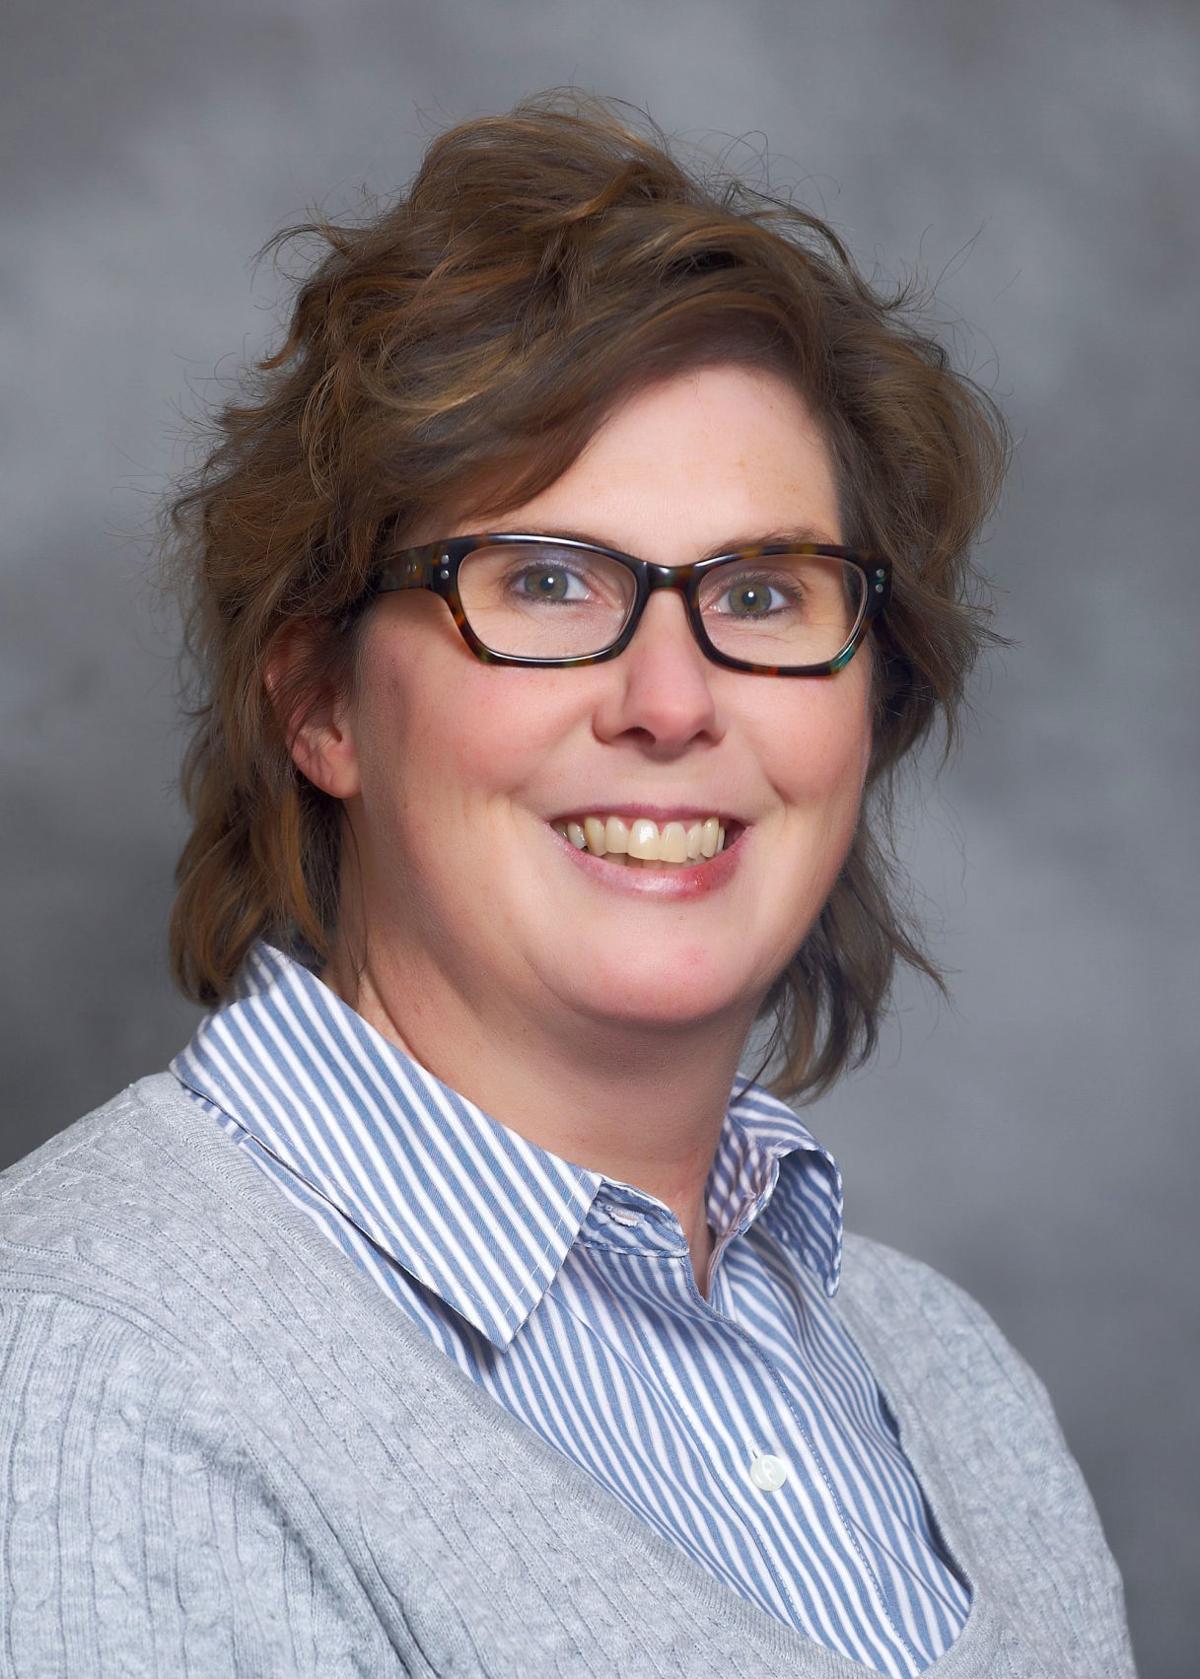 Sally Gambacorta